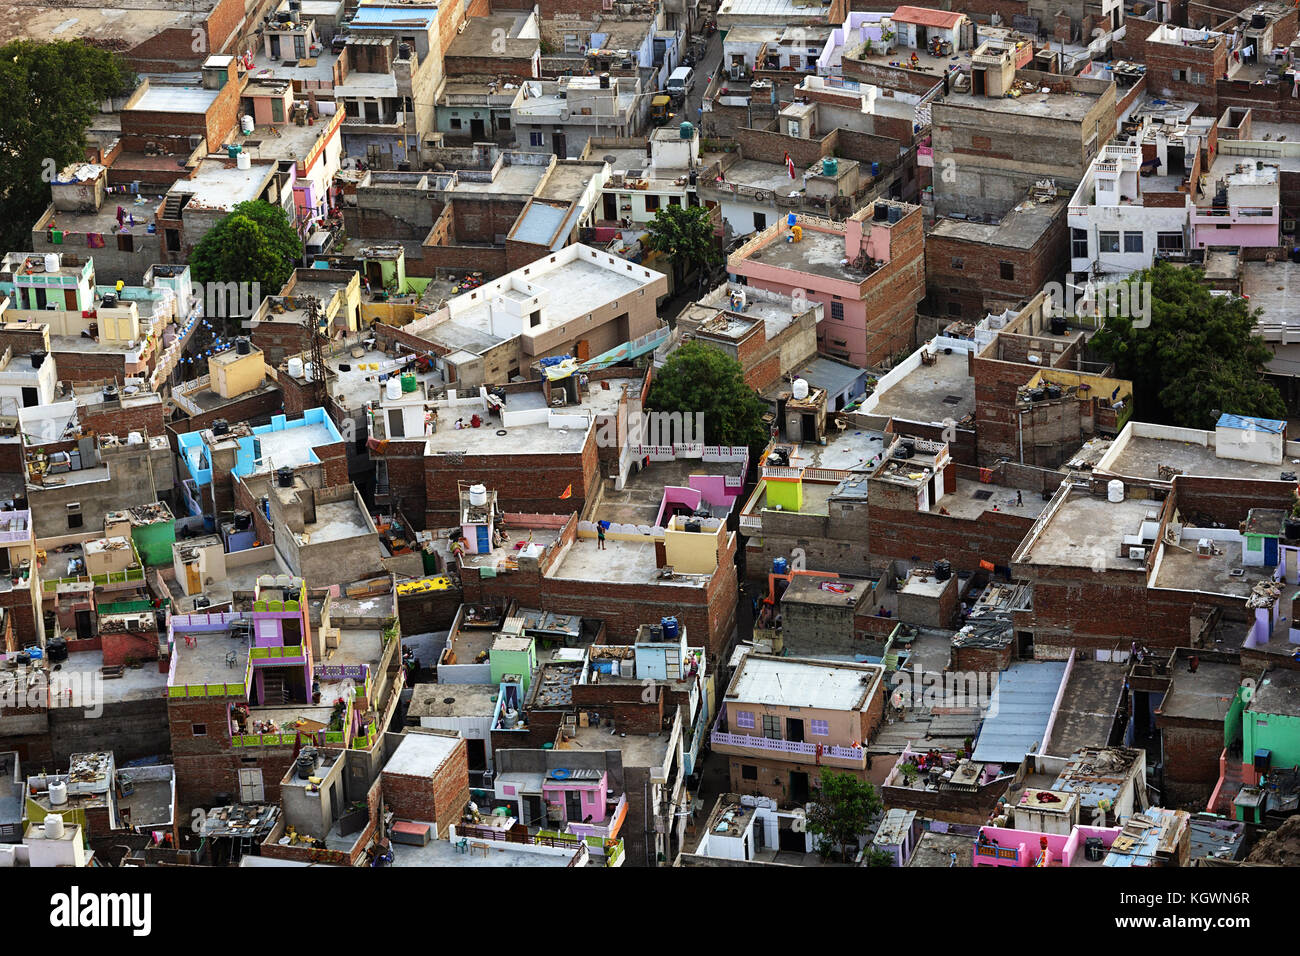 Luftaufnahme der Häuser in Jaipur, Menschen, Alltag, Rajasthan, Indien. Stockbild